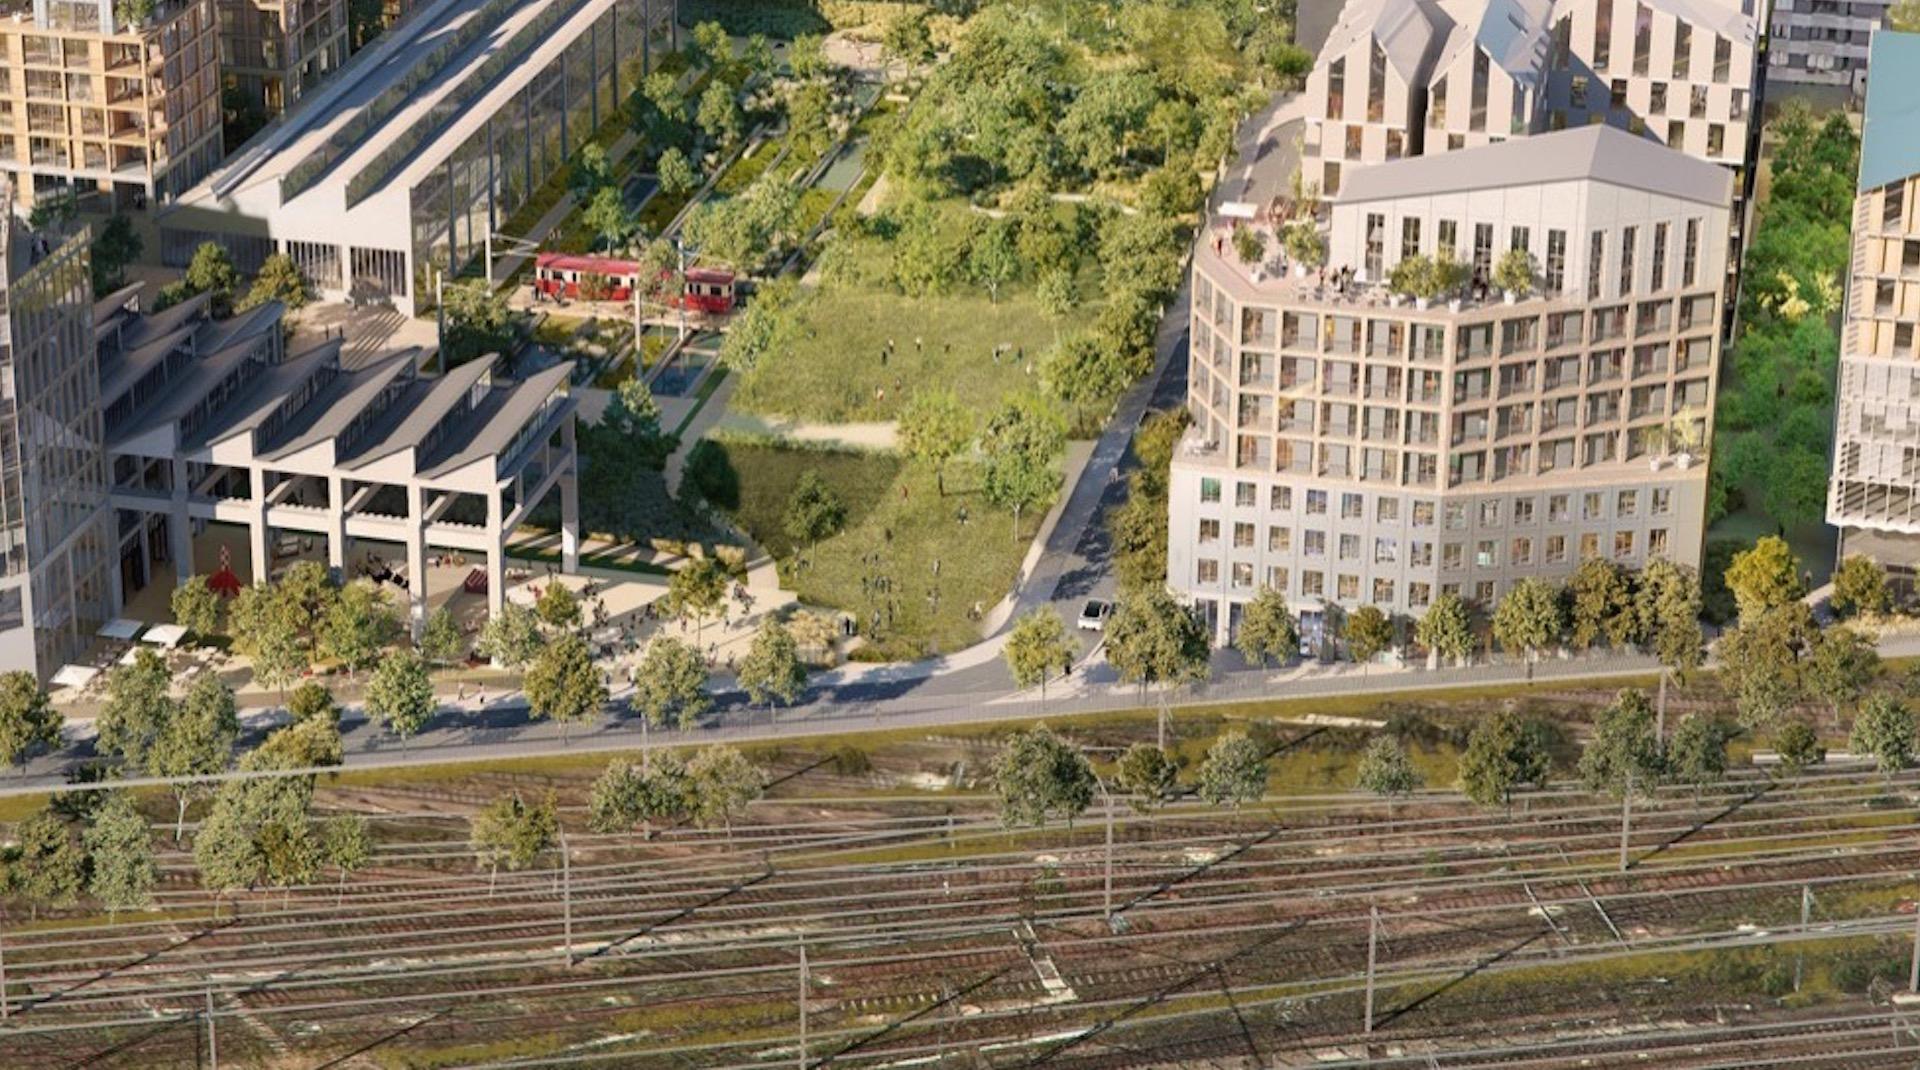 El nuevo barrio ecológico en París, construido sobre unas vías de tren